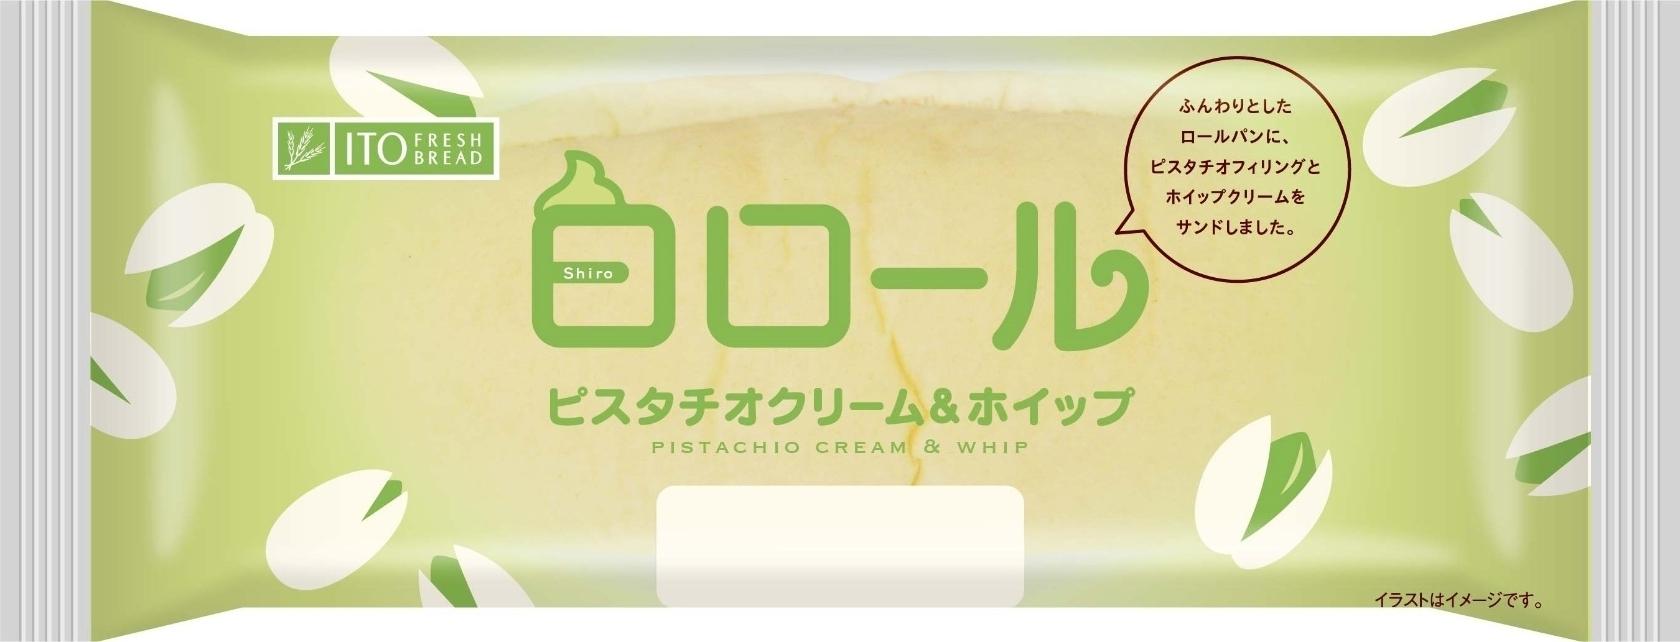 イトーパン 白ロール ピスタチオクリーム&ホイップ 袋1個